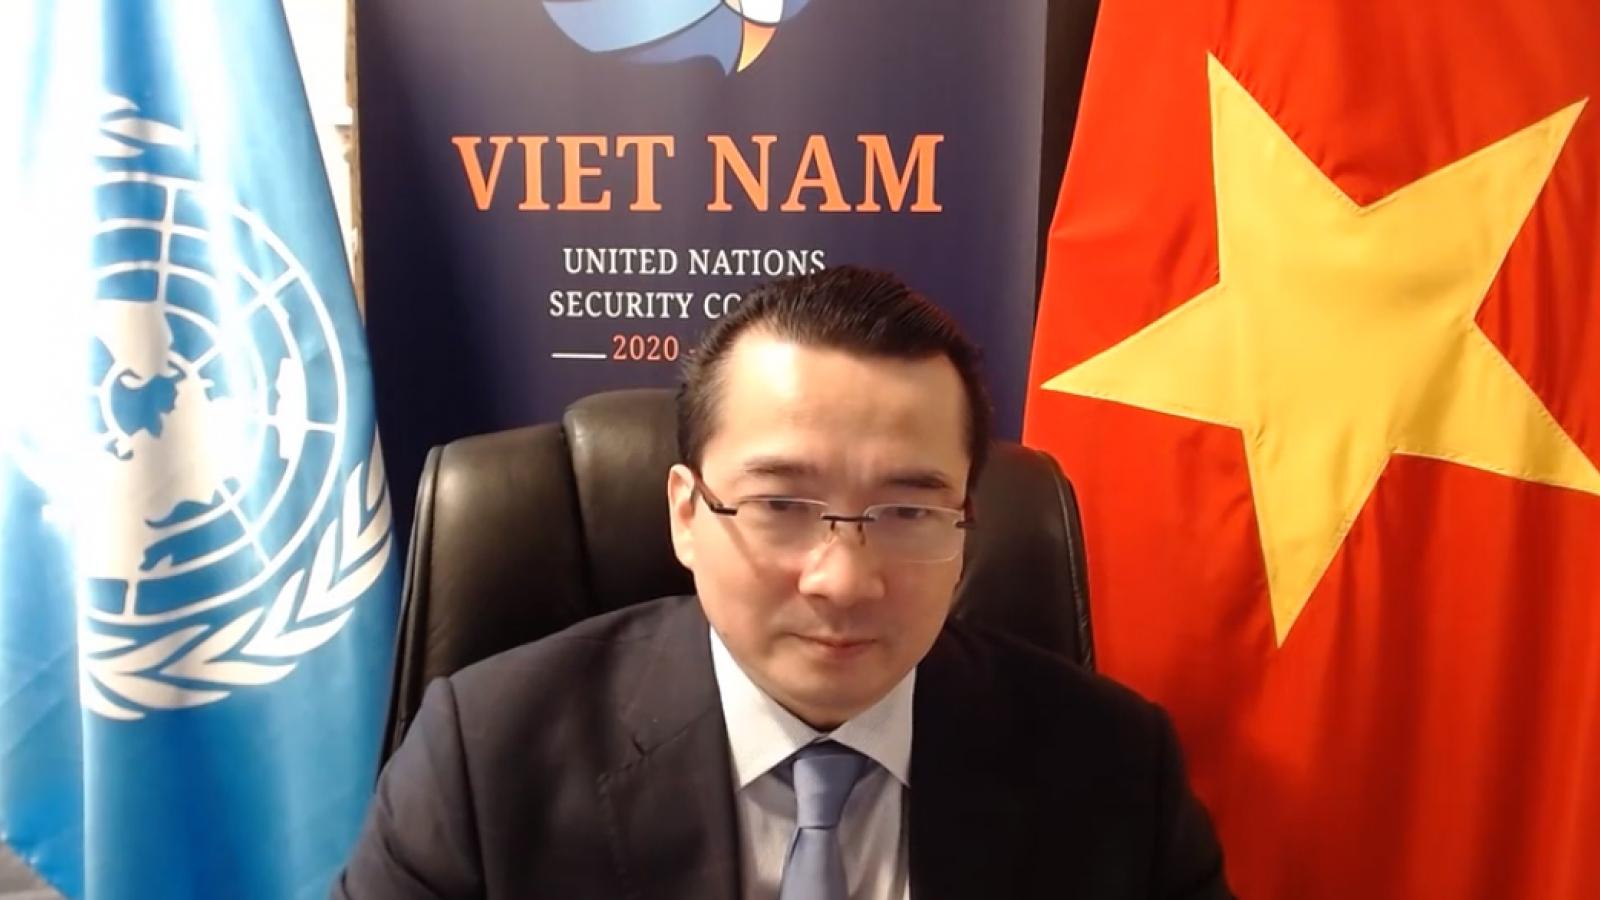 Việt Nam chủ trì phiên họp của Hội đồng Bảo an LHQ liên quan tới vấn đề Nam Sudan